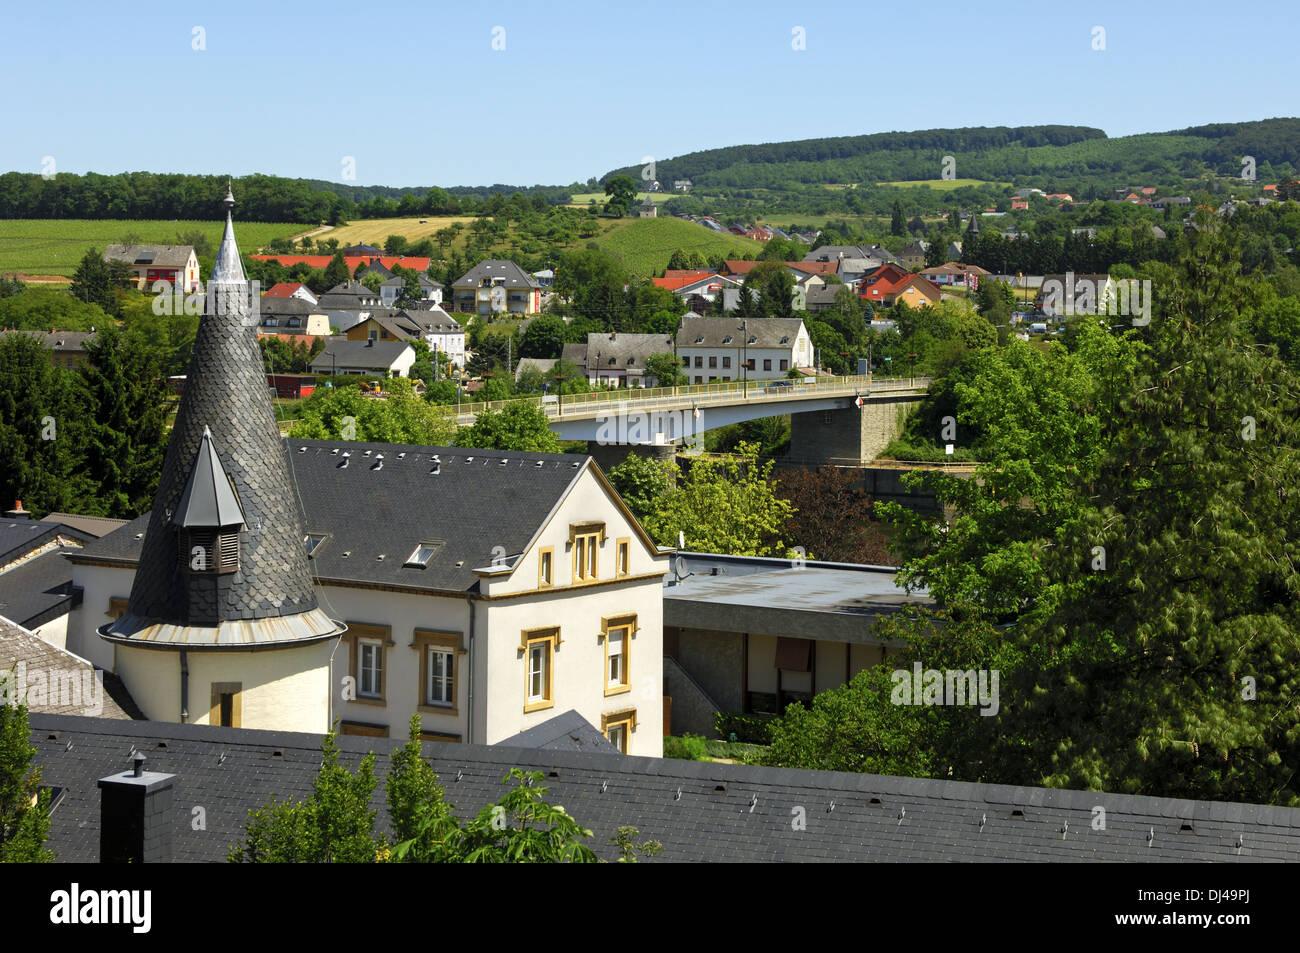 winemakingen village of Schengen, LuxembourgStock Photo